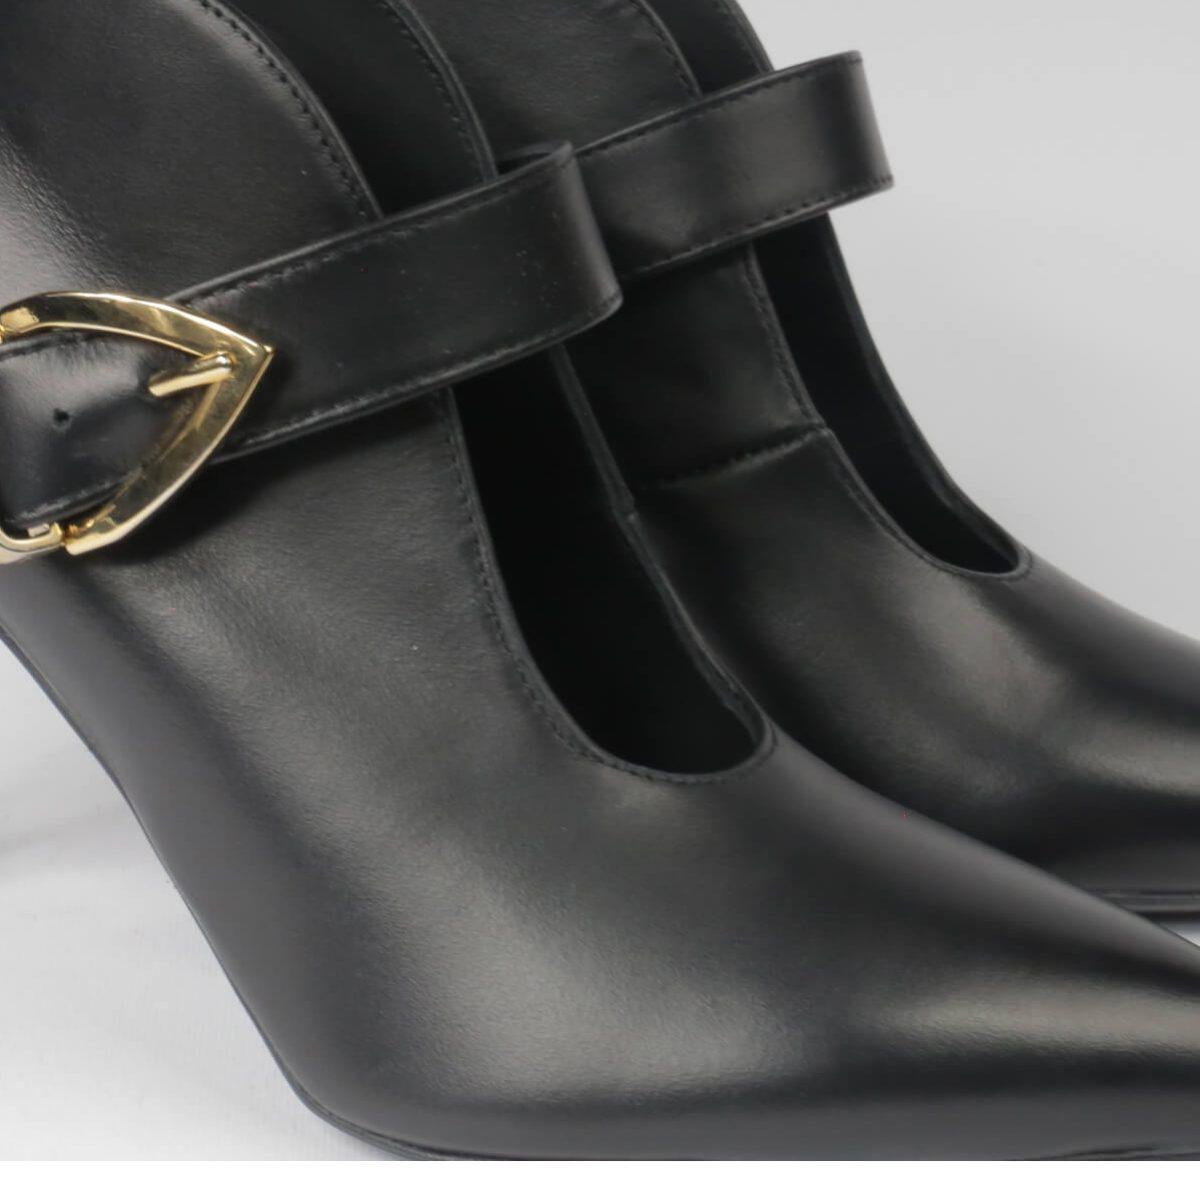 Negozio scarpe Verona Numeri grandi e piccoli Sposa